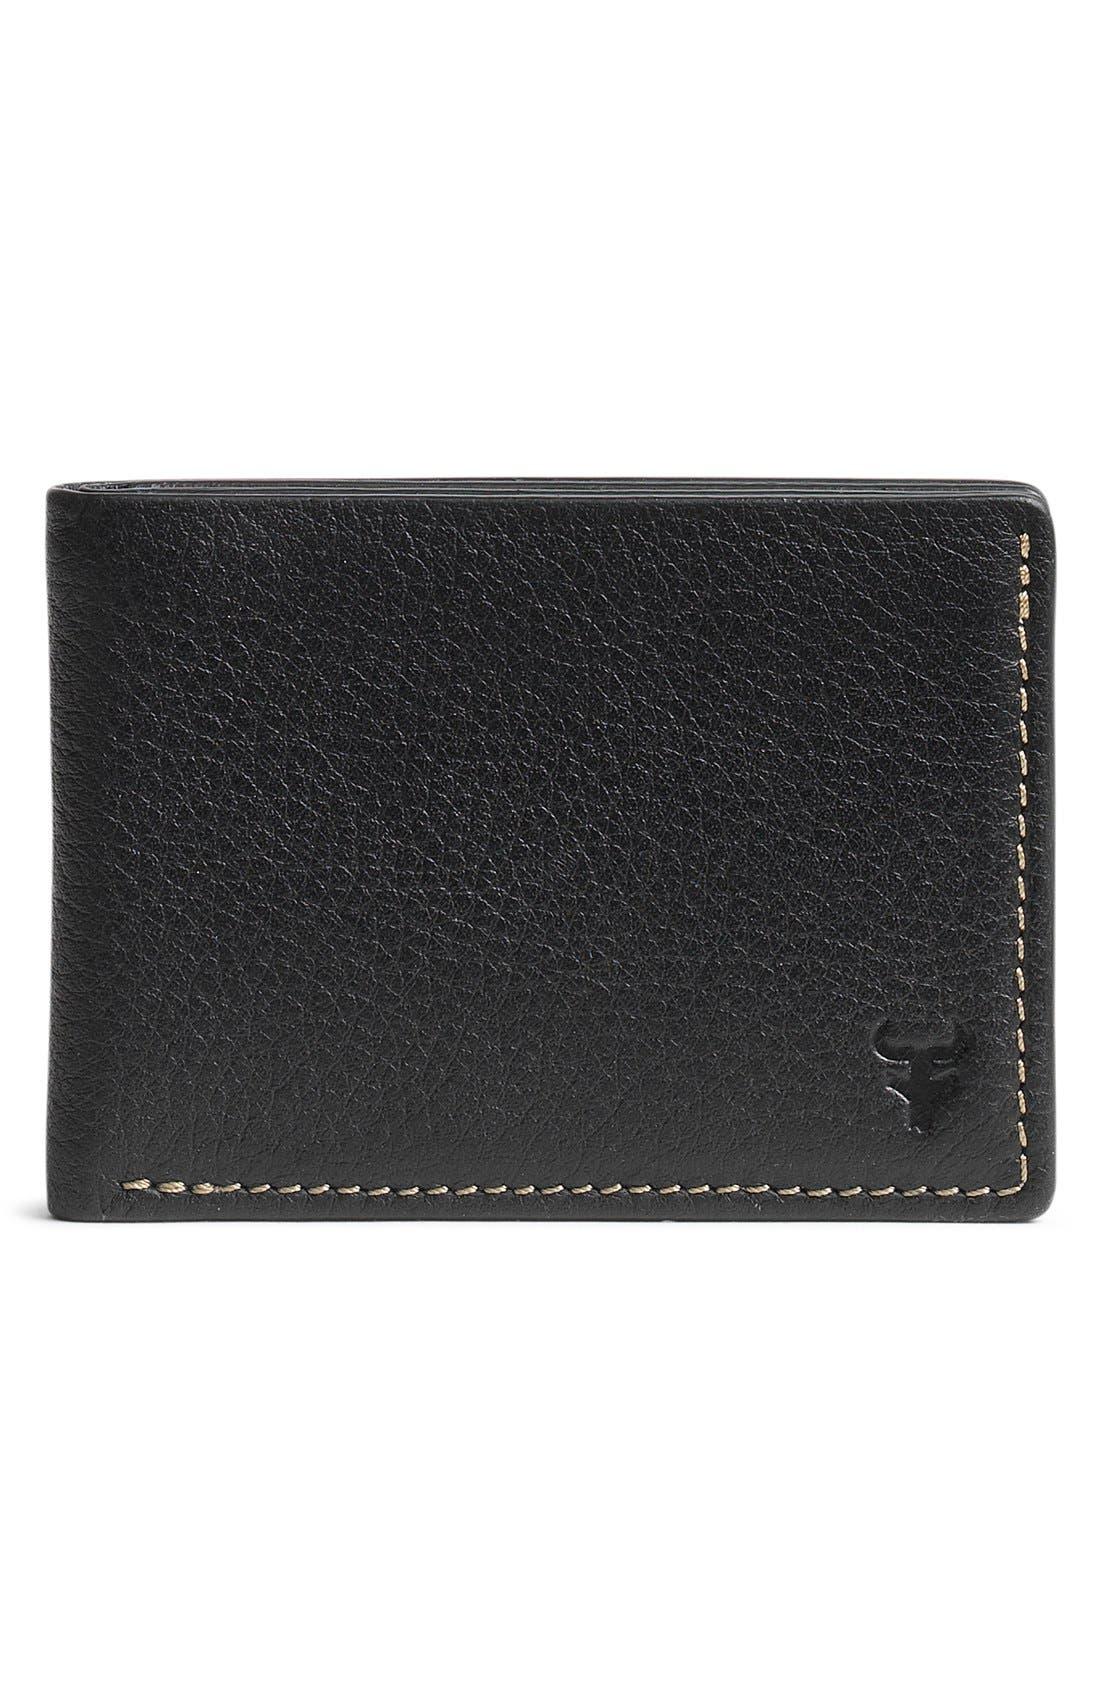 TRASK 'Jackson' Super Slim Leather Wallet